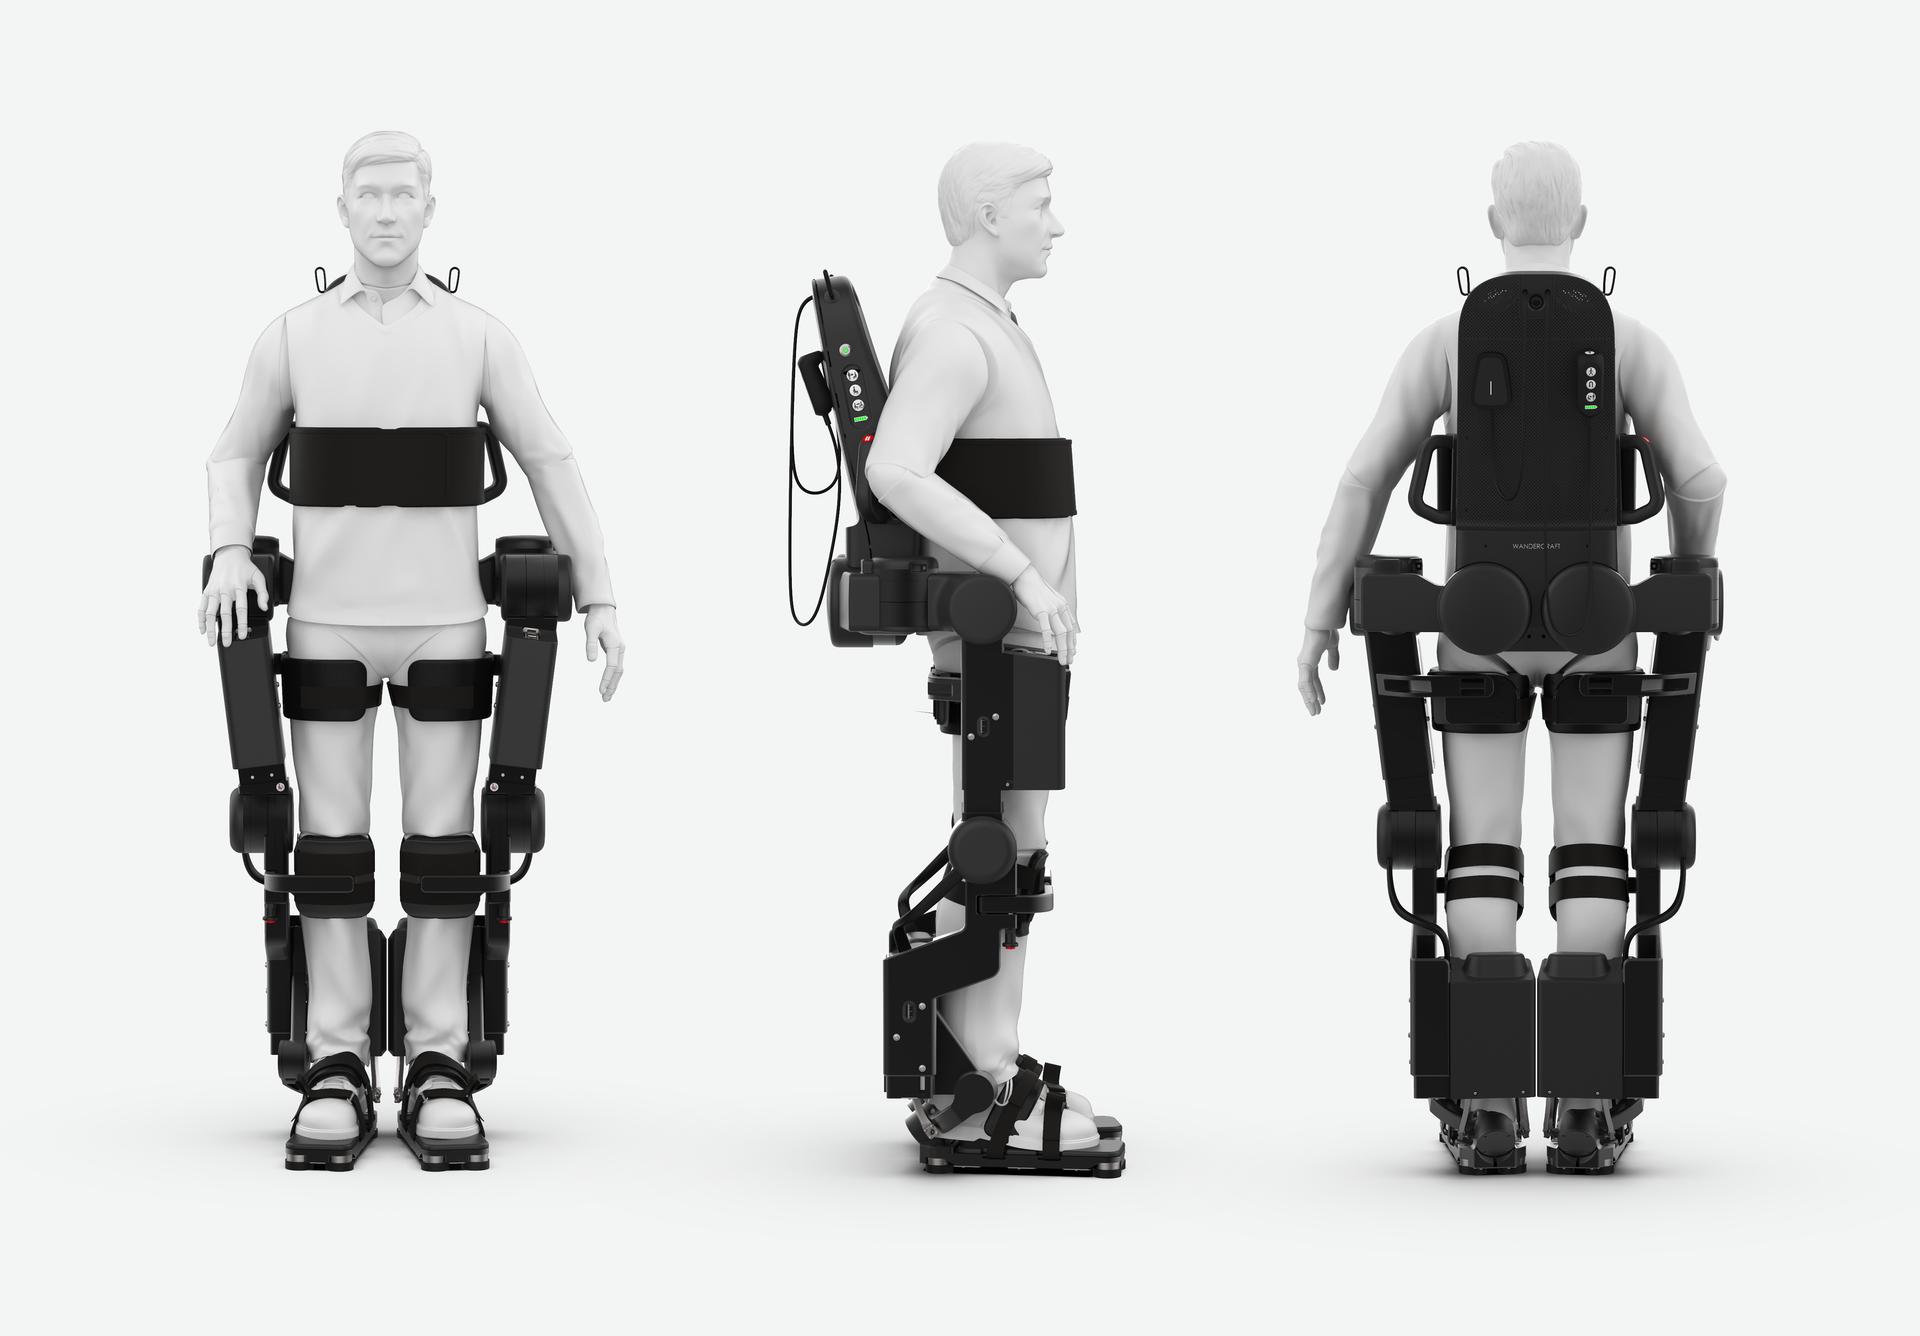 Cha chế tạo khung xương robot, giúp con trai bị liệt có thể đi lại được - 1